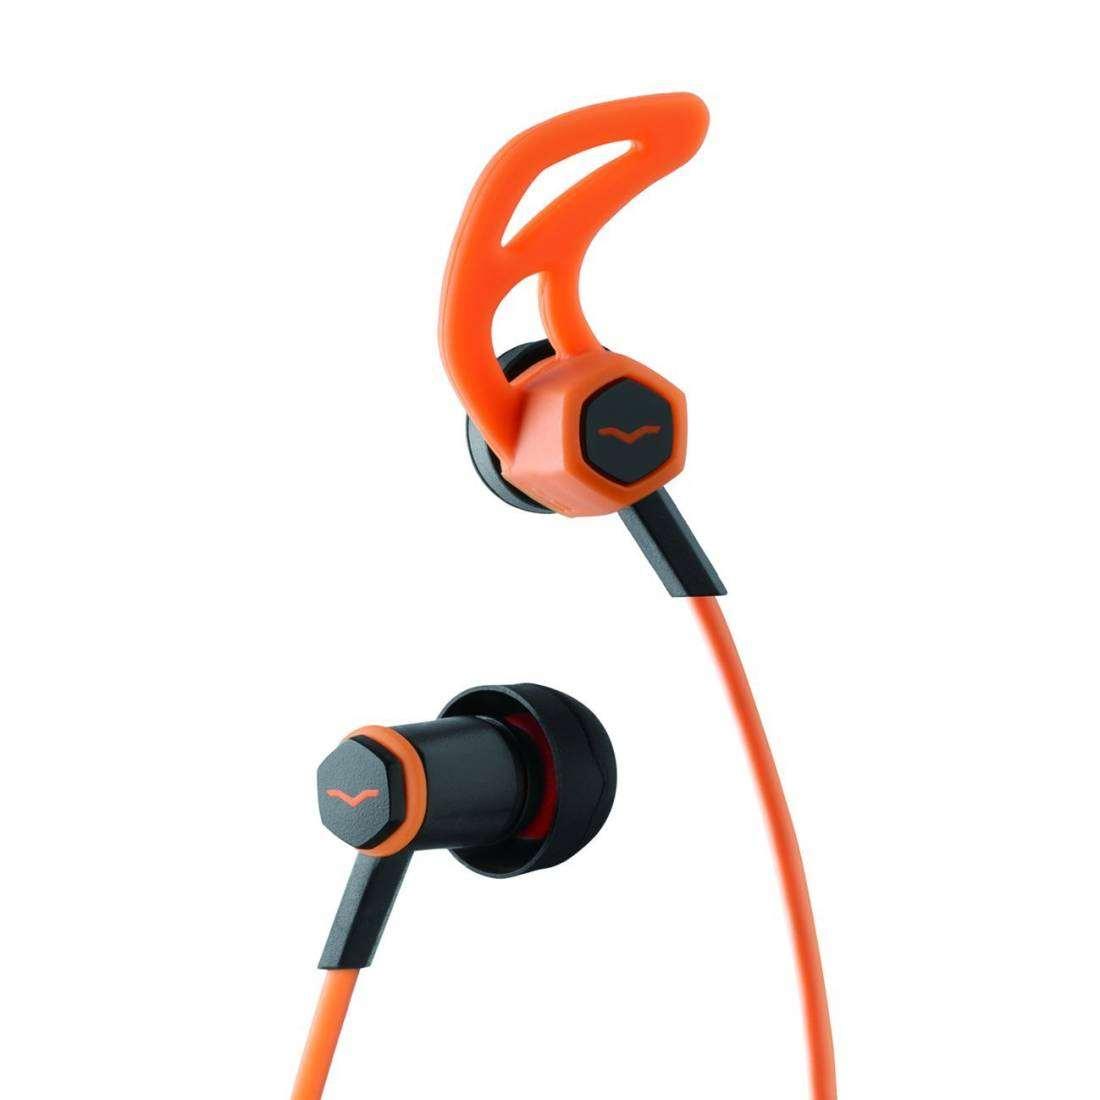 htc hi res audio earphones review